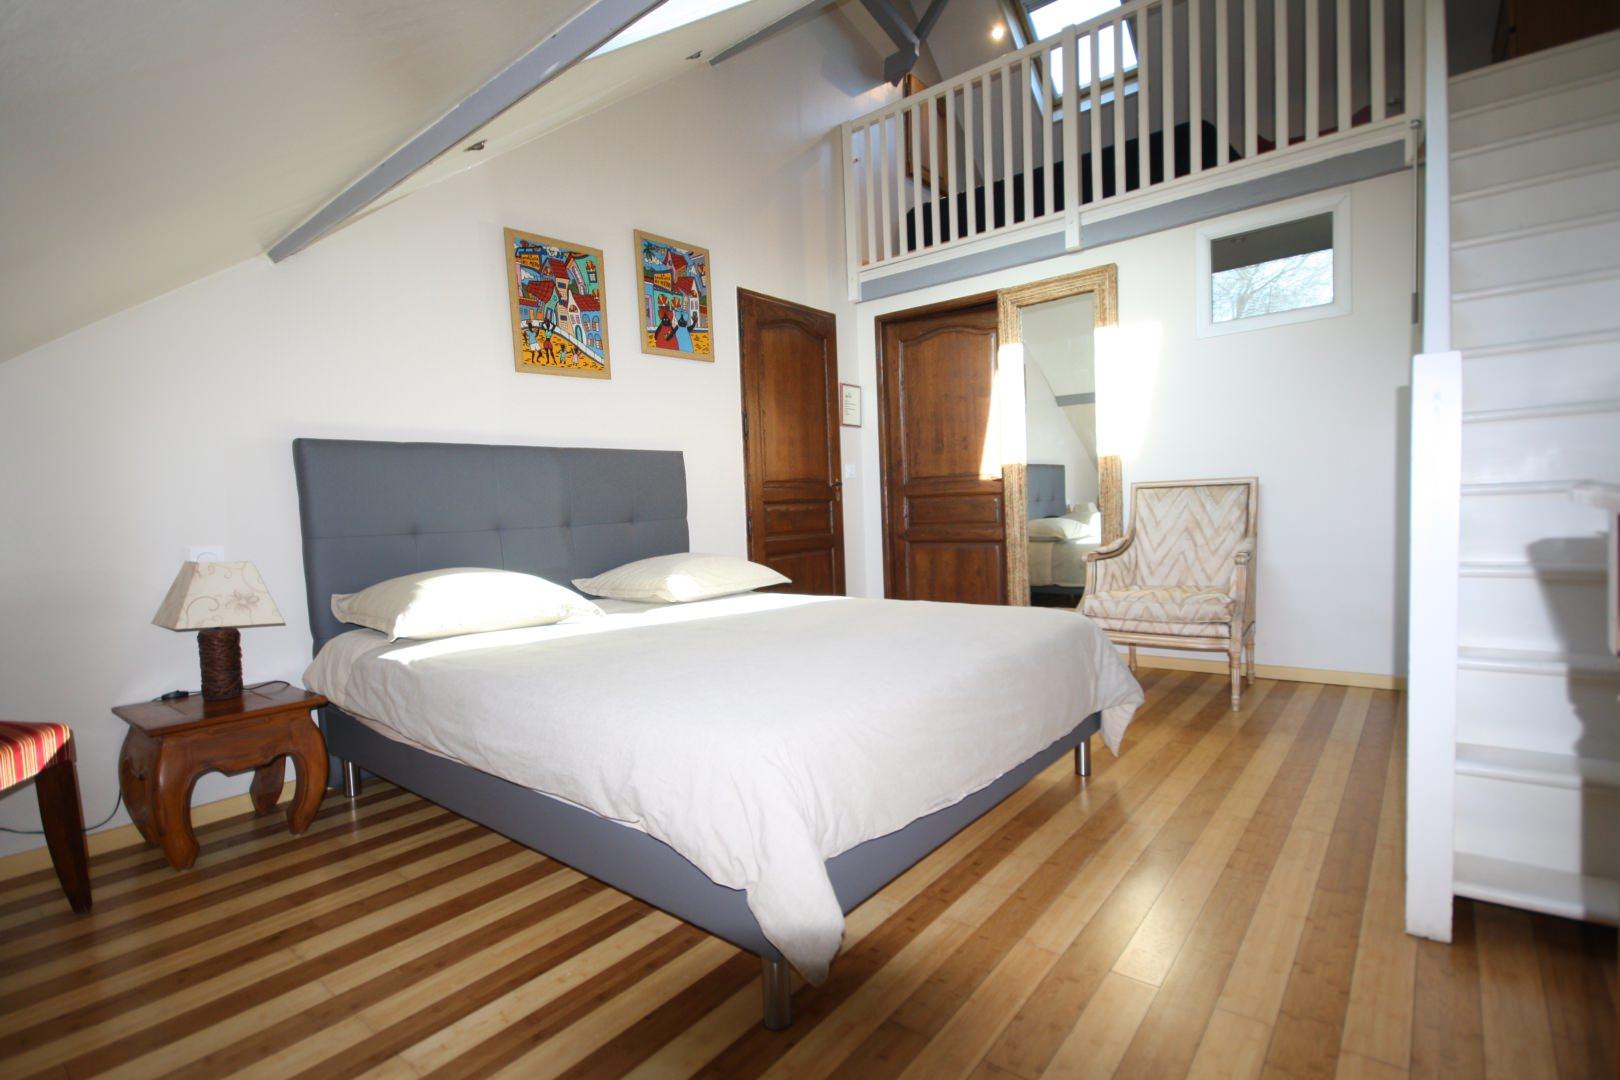 Pr sentation des chambres d 39 h tes trouville sur mer for Chambre d hotel normandie